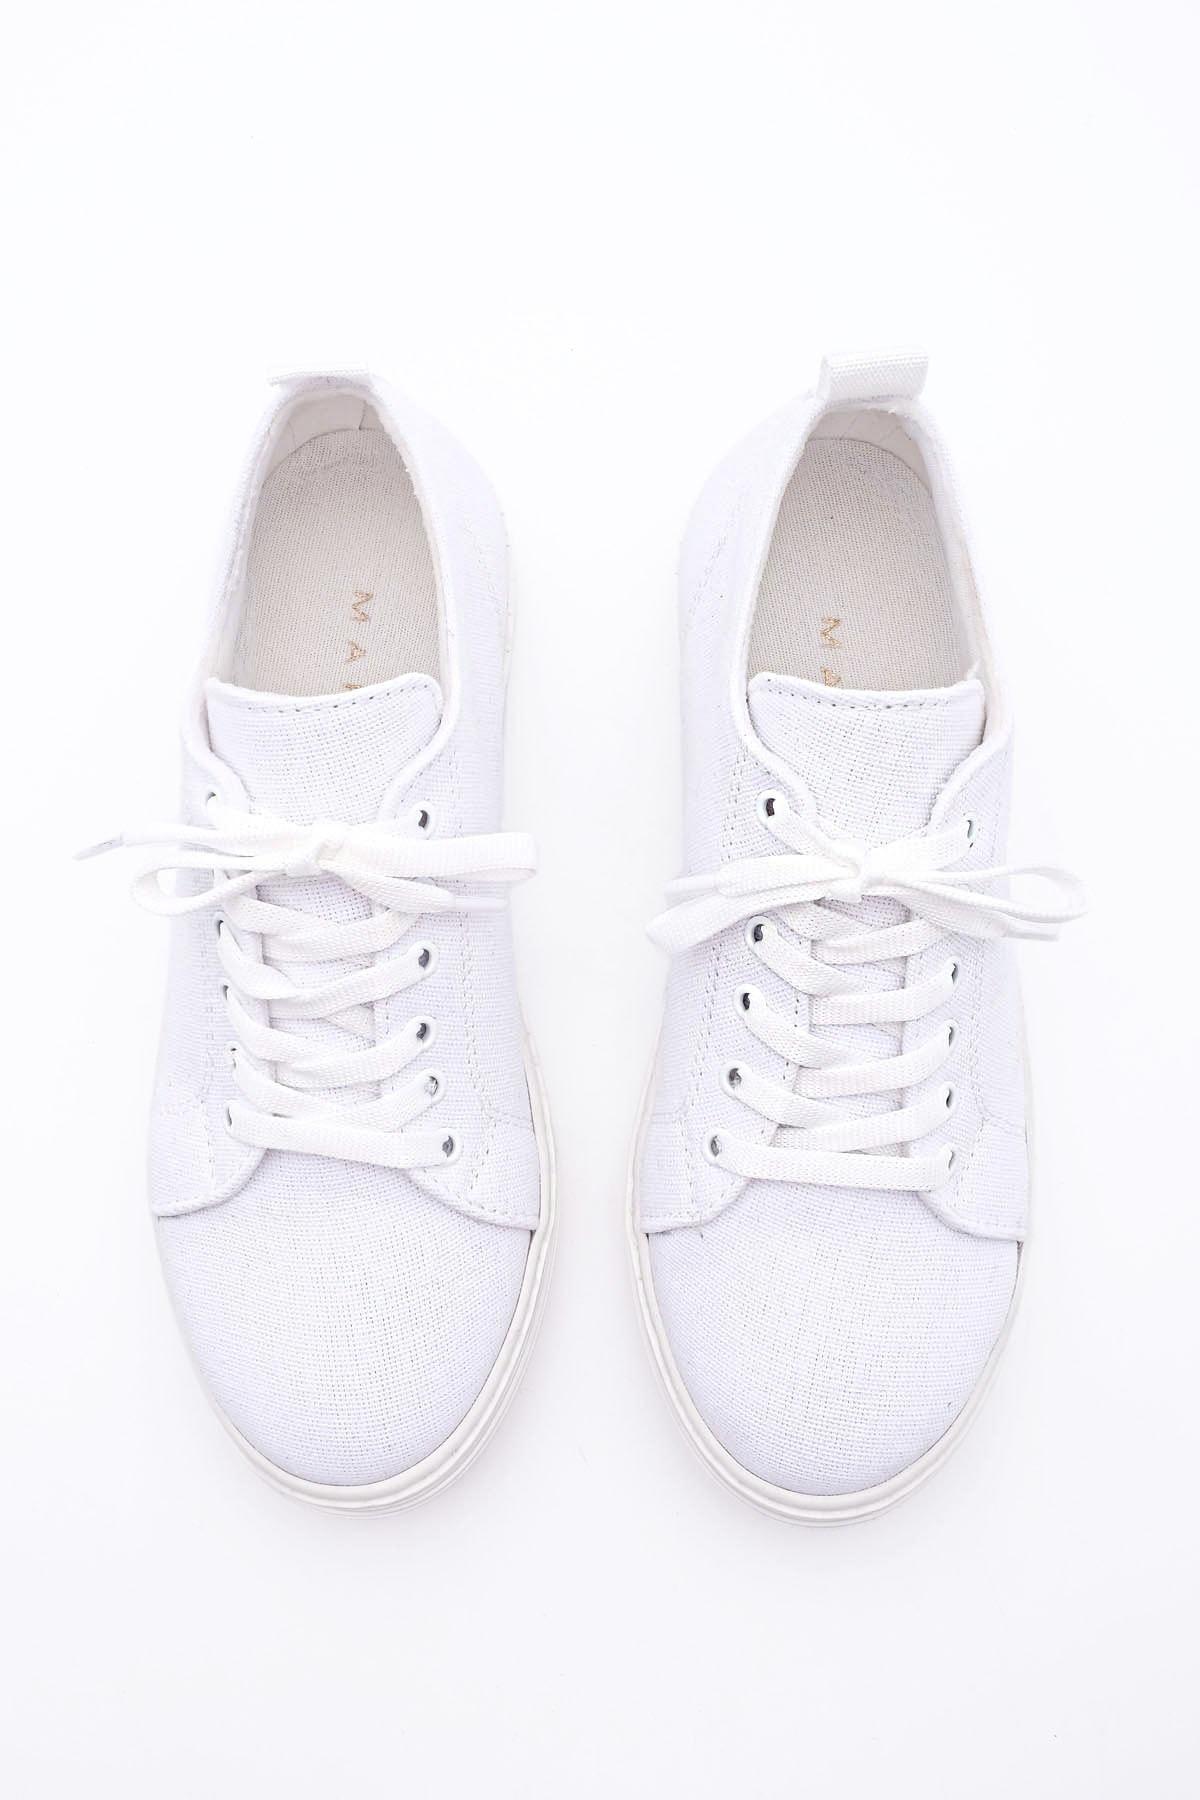 Marjin Kadın Sneaker Keten Spor Ayakkabı RulazBeyaz 2